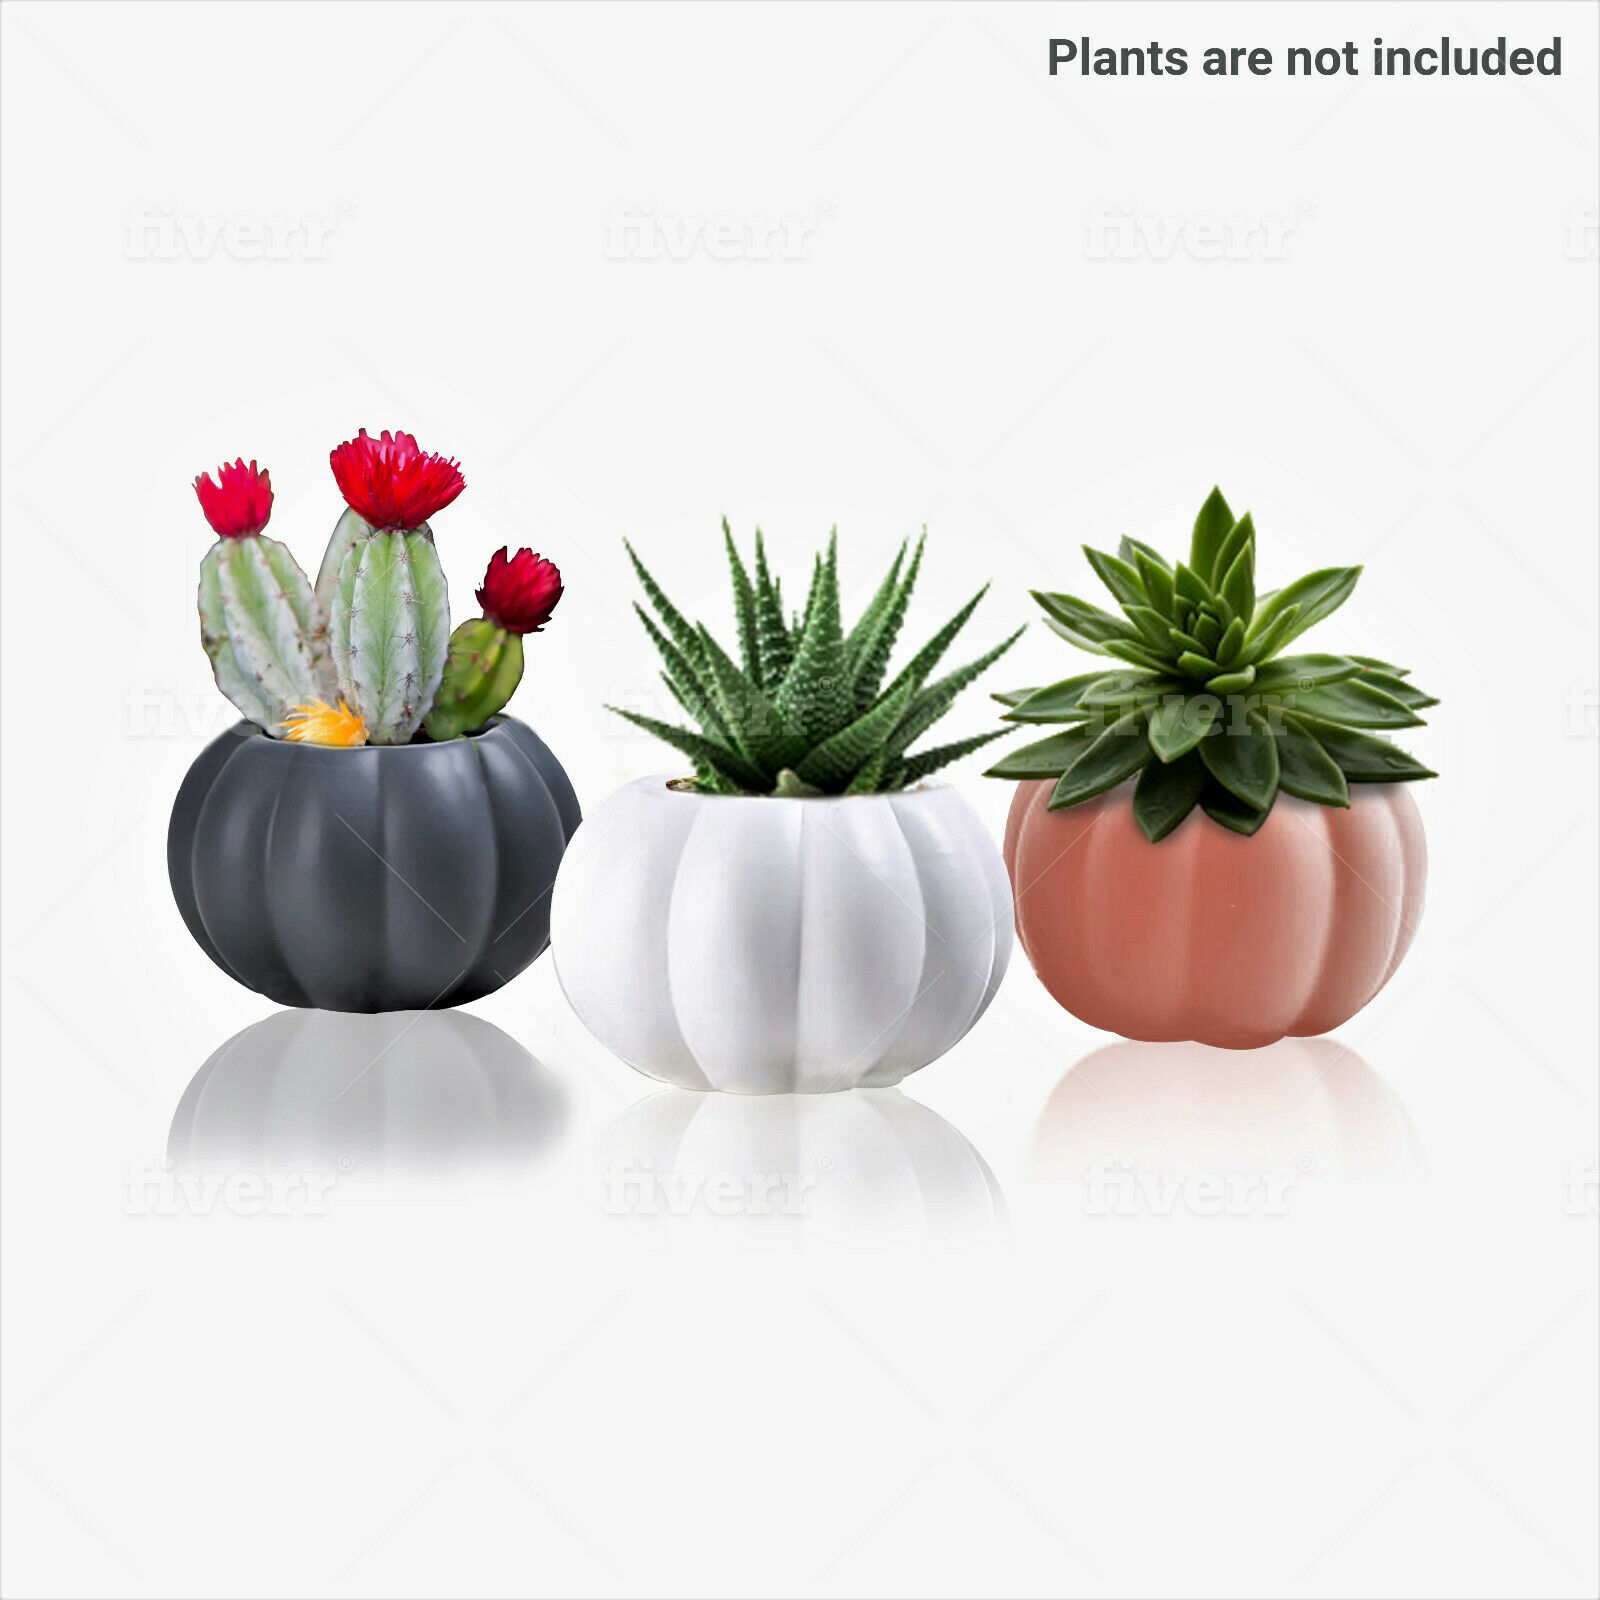 Greenaholics Succulent Plant Pots Flower Pots with Drainage Hole Cactus Planters Chocolate Black 4.3 Inch Flowing Glaze Ceramic Bottle Pots Set of 2